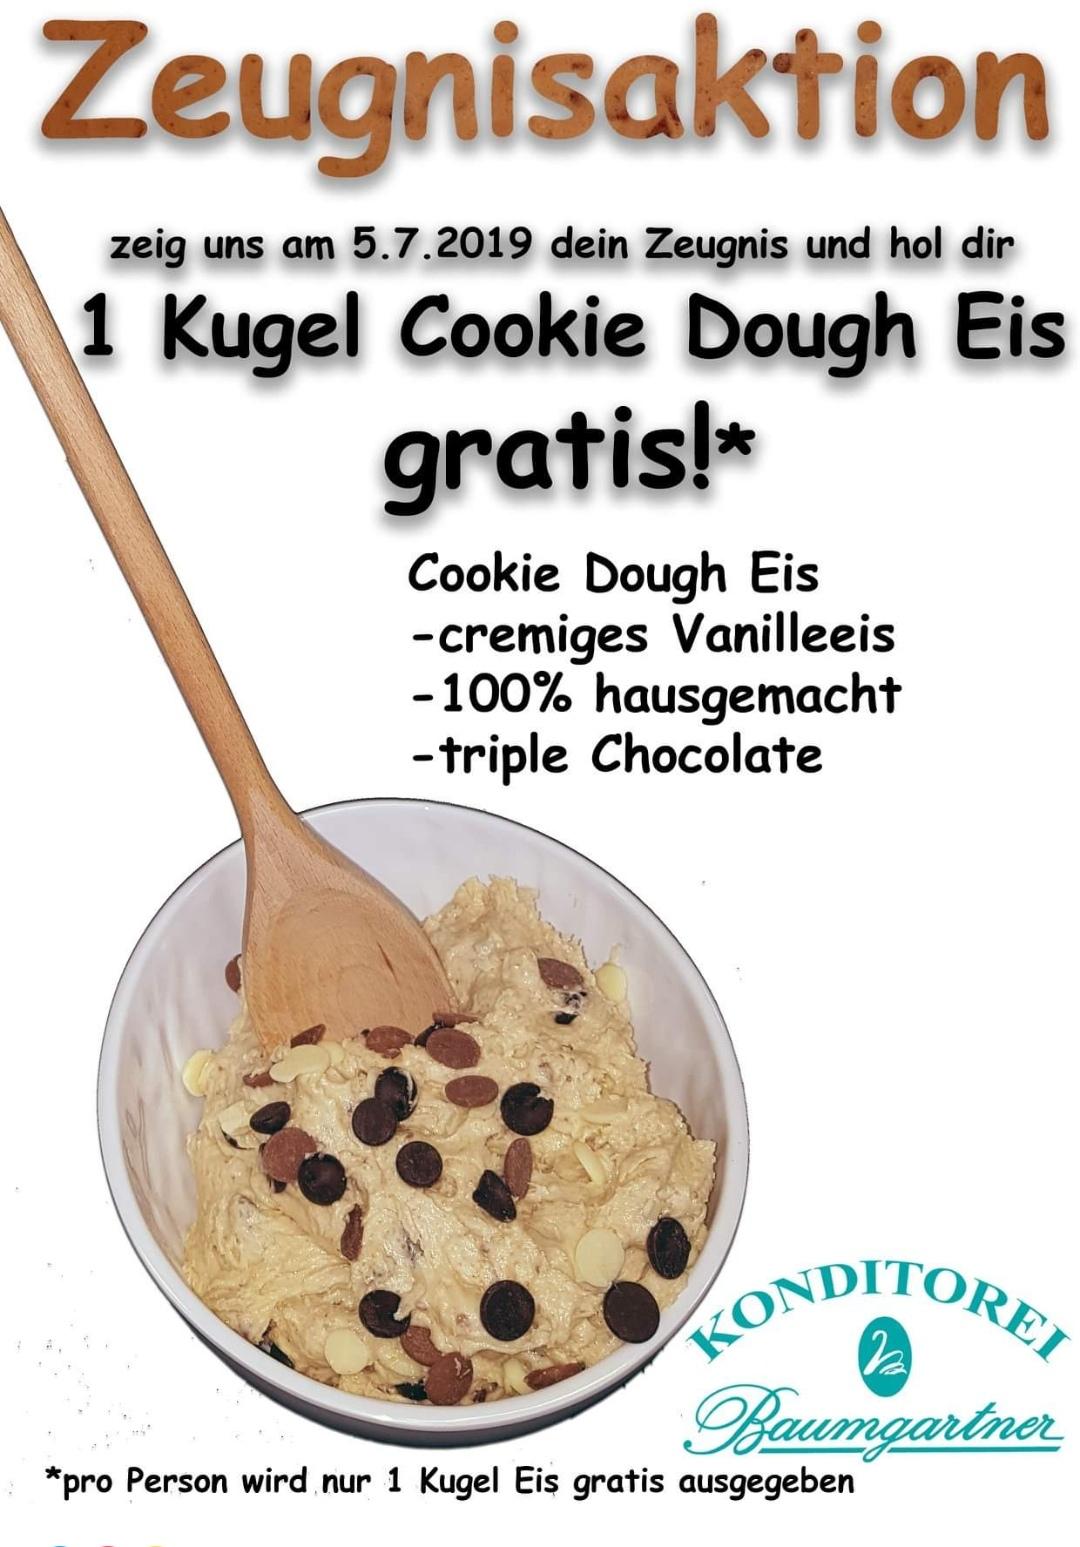 [GMUNDEN / OÖ] Zeugnisaktion - 1 GRATIS Kugel Cookie Dough Eis